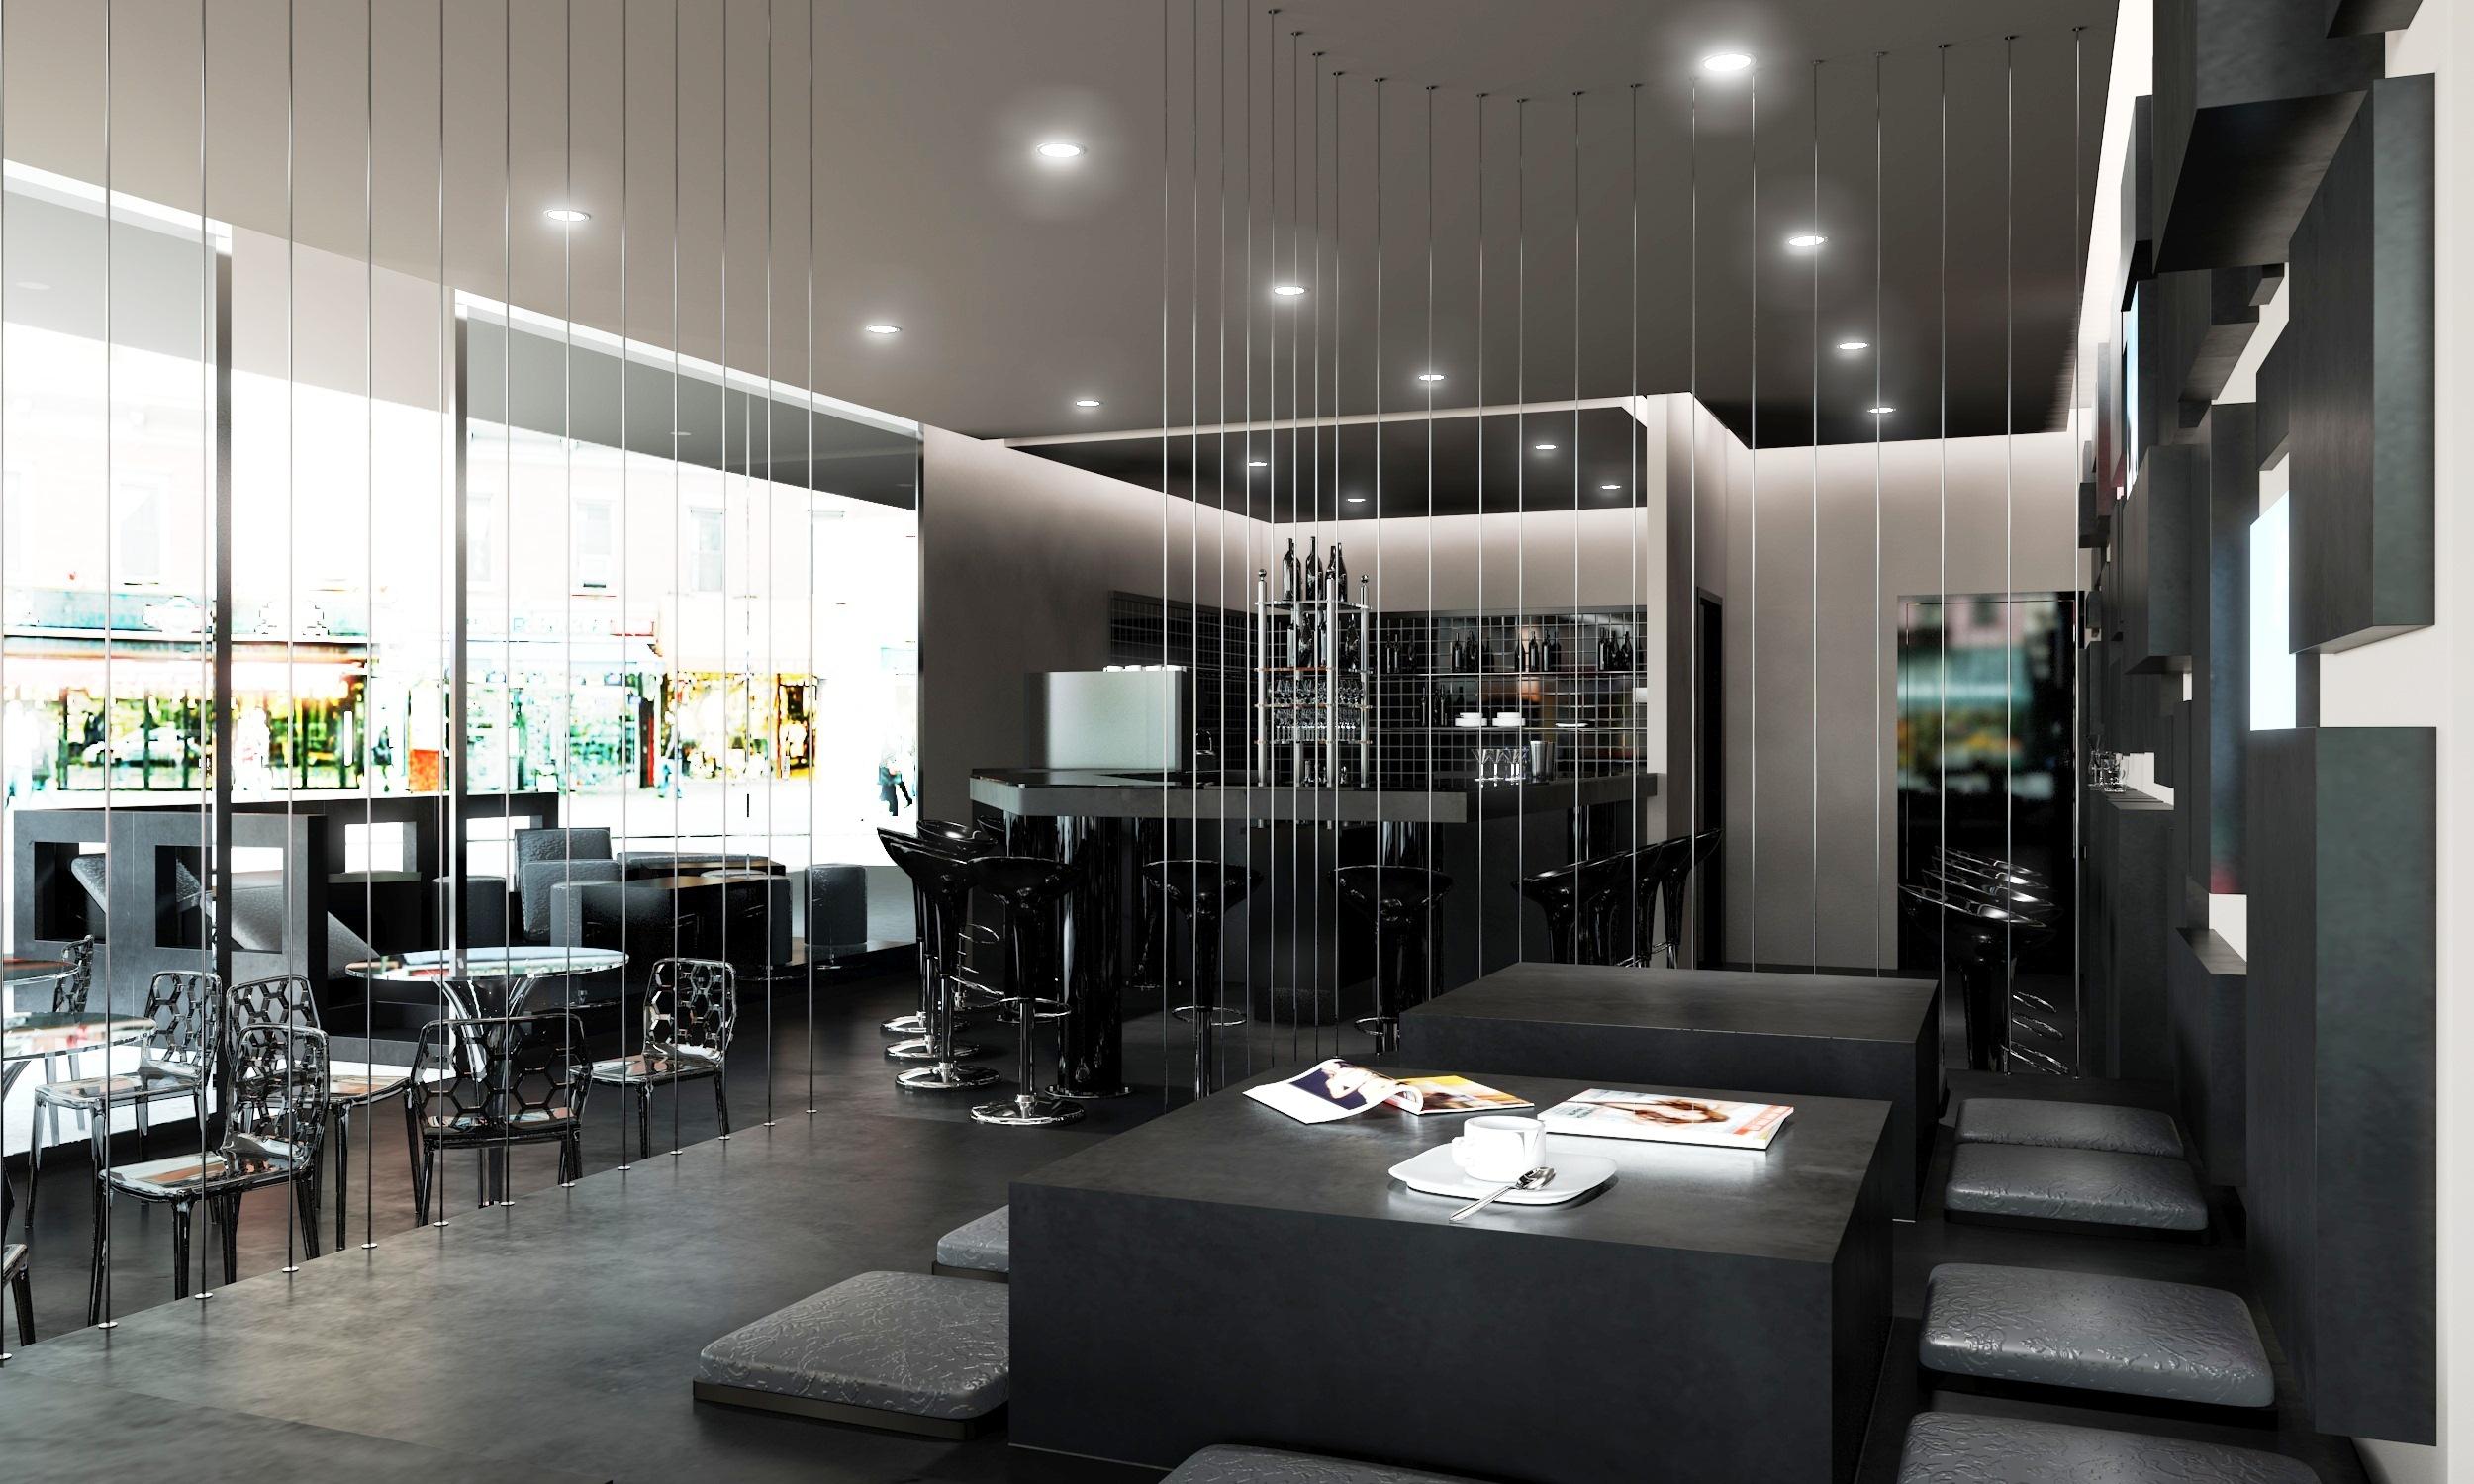 Arredamento bar milano arredatori in stile classico o for Negozi arredamento vintage milano